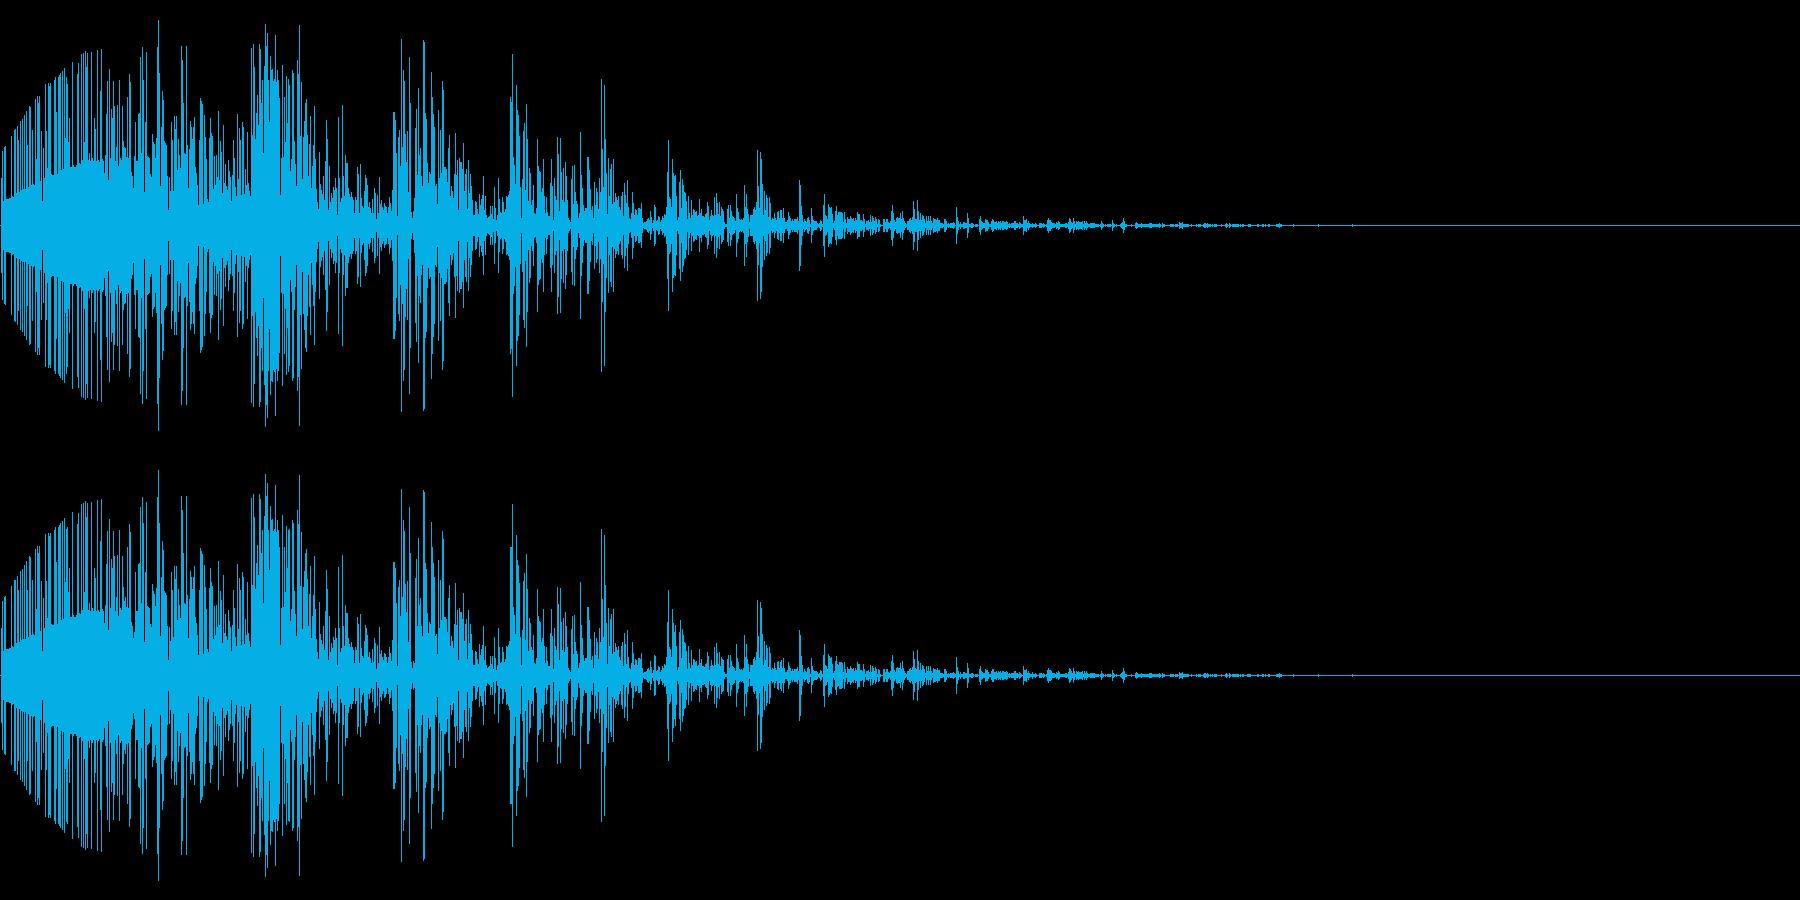 ノイズで作った爆発音の再生済みの波形